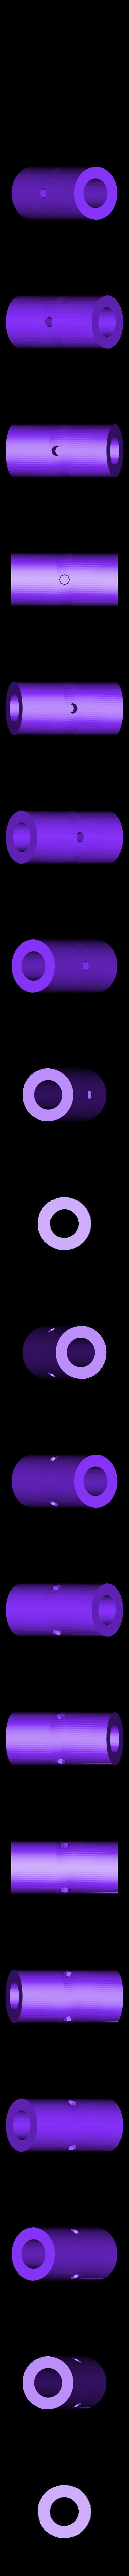 SpoolCore.stl Télécharger fichier STL gratuit Ame de bobine pour support de tuyau en PVC 3/4 • Modèle pour imprimante 3D, DelhiCucumber